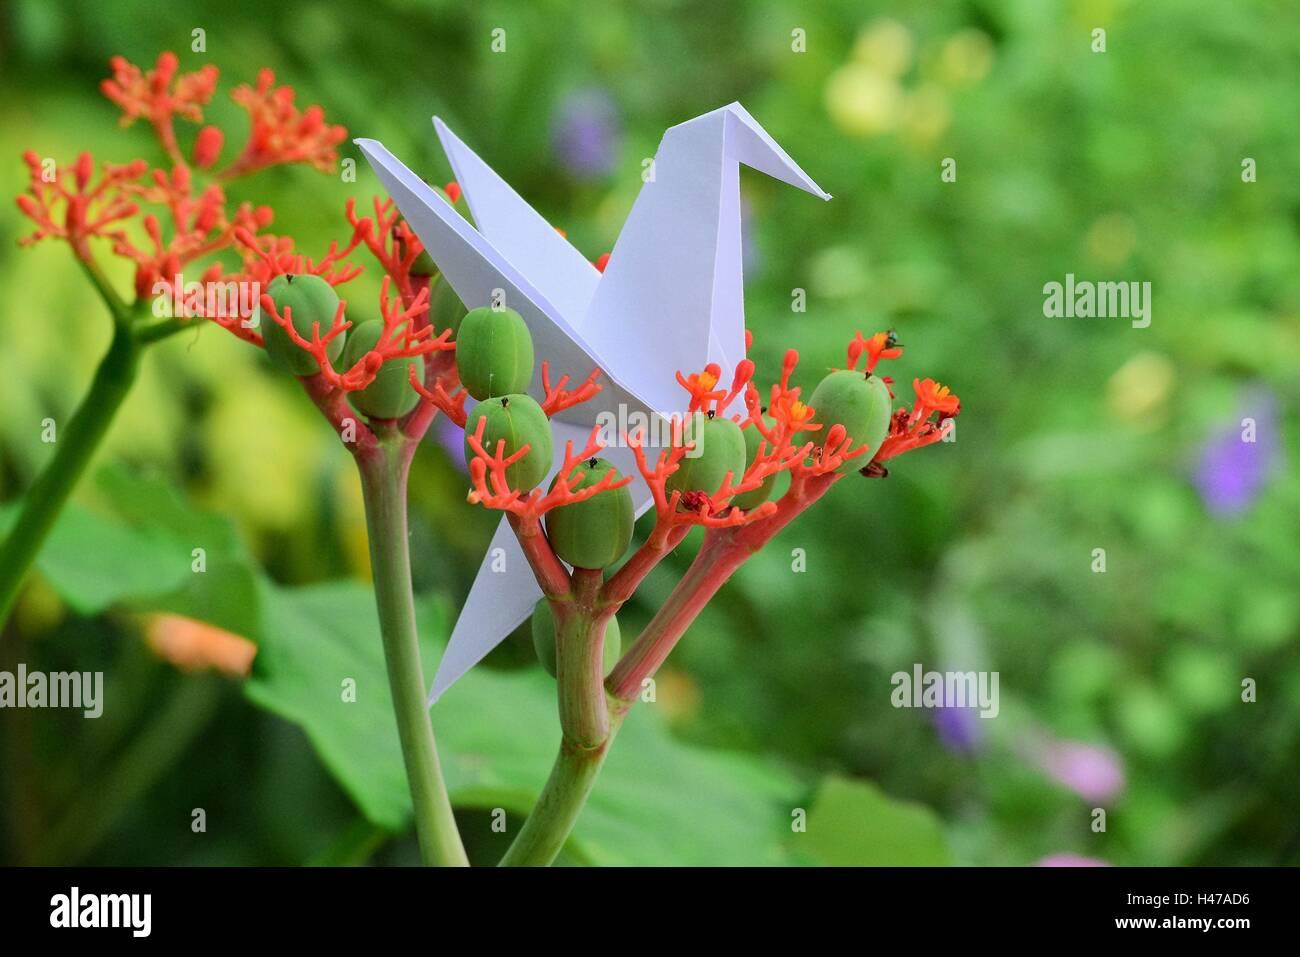 Origami Kolibri und Kran auf schöne Blumen in vollem Umfang Frühling in ein Litle Garten. Stockbild